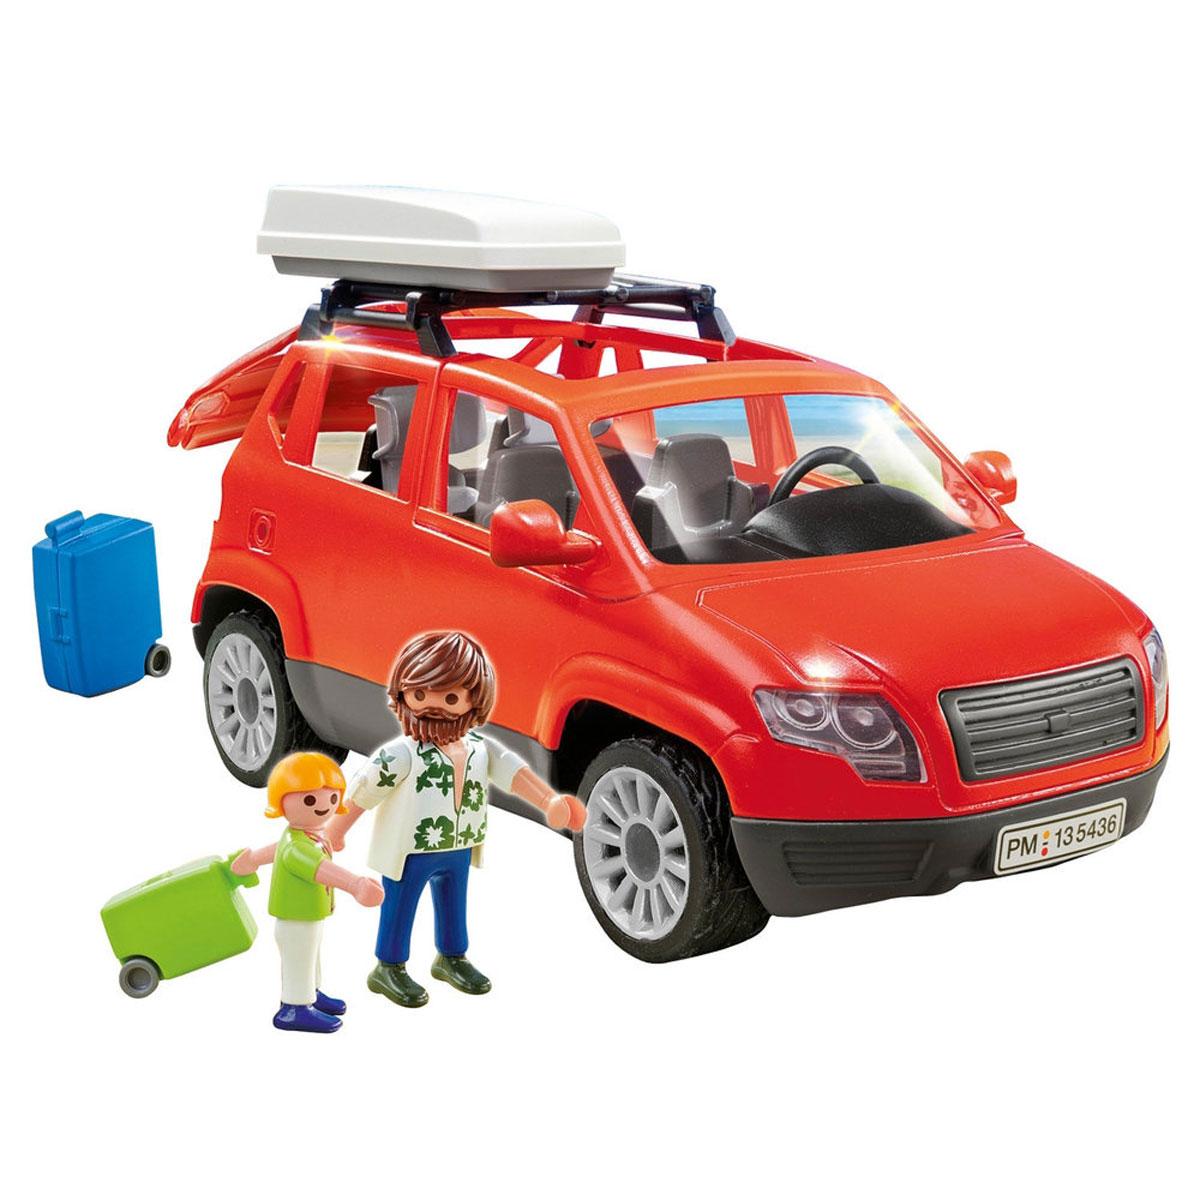 Playmobil Игровой набор Семейный автомобиль5436pmИгровой набор Playmobil Семейный автомобиль понравится вашему малышу и надолго увлечет его. В комплект входят: 2 фигурки человечков, автомобиль, чемоданы, а также дополнительные аксессуары, которые сделают игру еще интереснее. Элементы набора выполнены из прочного пластика ярких цветов. Руки и головы фигурок подвижны, а благодаря специальной форме ручек, они могут держать различные небольшие предметы, входящие в набор. Багажник машины открывается, в него можно сложить чемоданы. Набор совместим с другими наборами из серии Summer Fun. Великолепный автомобиль для поездок в кругу семьи. Сколько всего интересного можно увидеть, путешествуя на этом замечательном минивене. Игры с таким набором позволят ребенку весело провести время, а также помогут развить мелкую моторику пальчиков, внимательность и воображение. Порадуйте своего малыша такой чудесной игрушкой! Машинка совместима с радиоуправляемым модулем для...